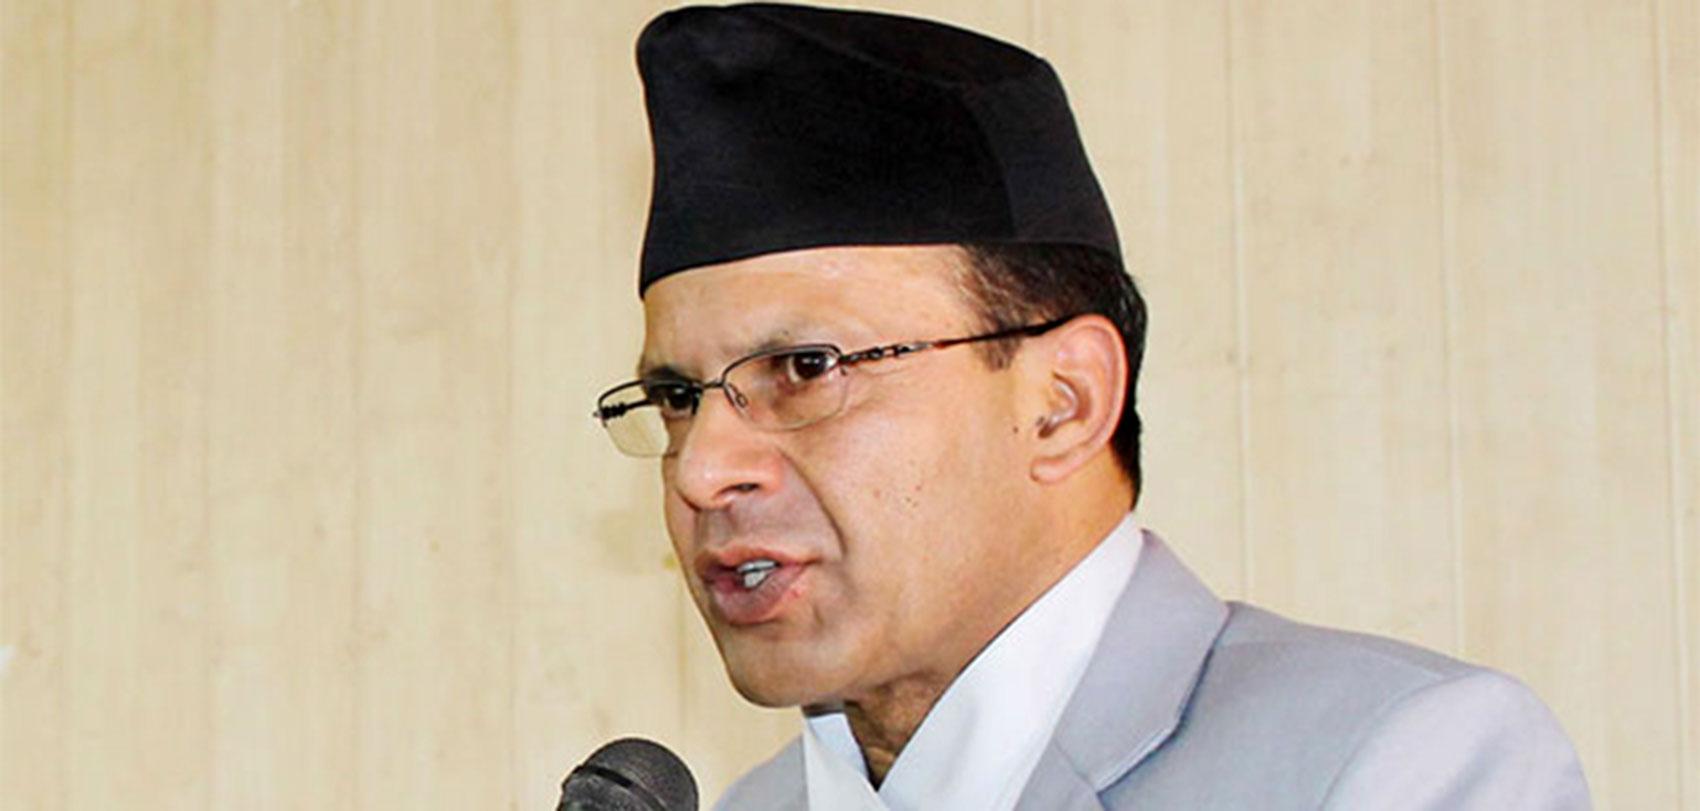 लोकतन्त्रलाई उपहास गर्नेहरु इतिहासमा सिमित भएका छन् : नेपाली कांग्रेस नेता डाक्टर मिनेन्द्र रिजाल मिनेन्द्र रिजाल